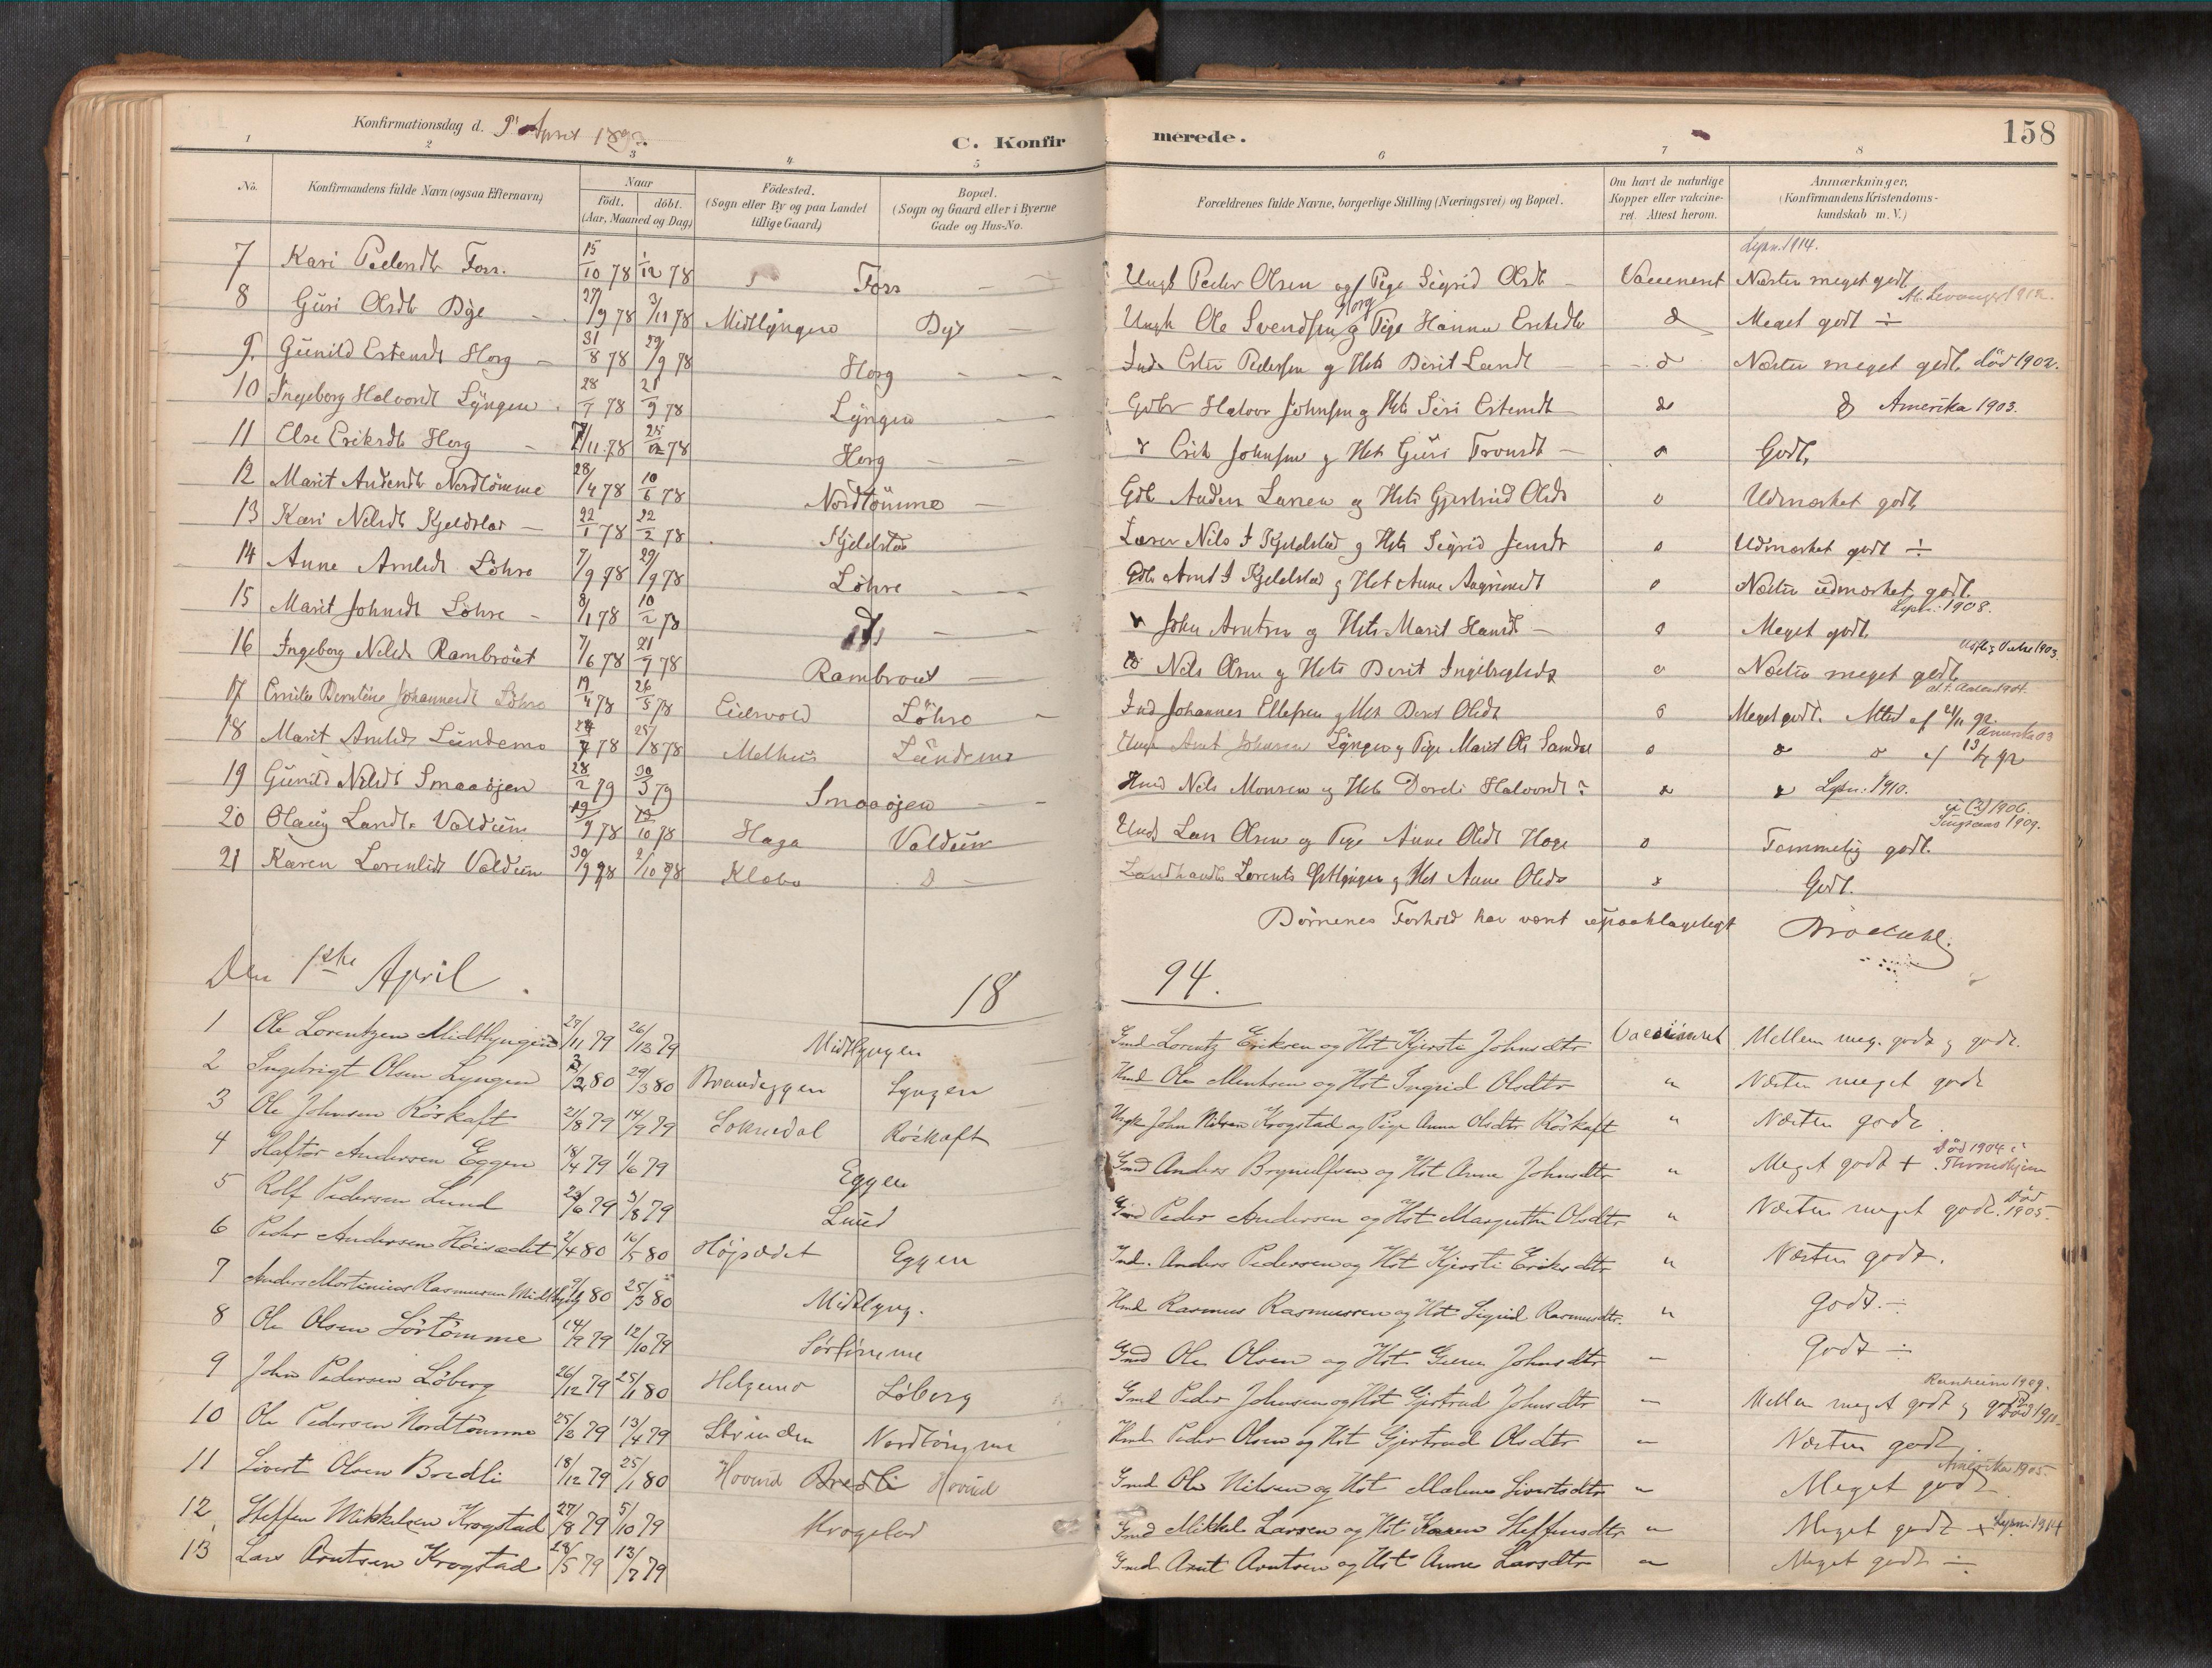 SAT, Ministerialprotokoller, klokkerbøker og fødselsregistre - Sør-Trøndelag, 692/L1105b: Ministerialbok nr. 692A06, 1891-1934, s. 158